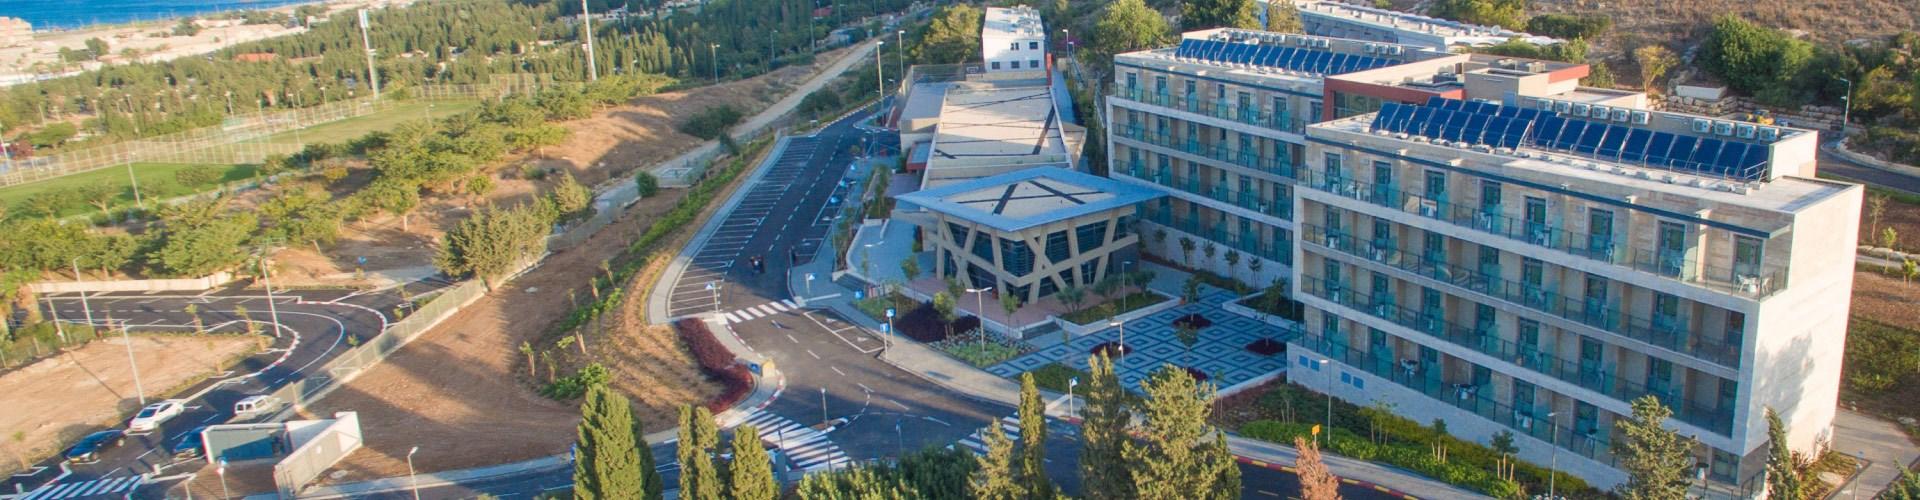 HI Haifa Hostel